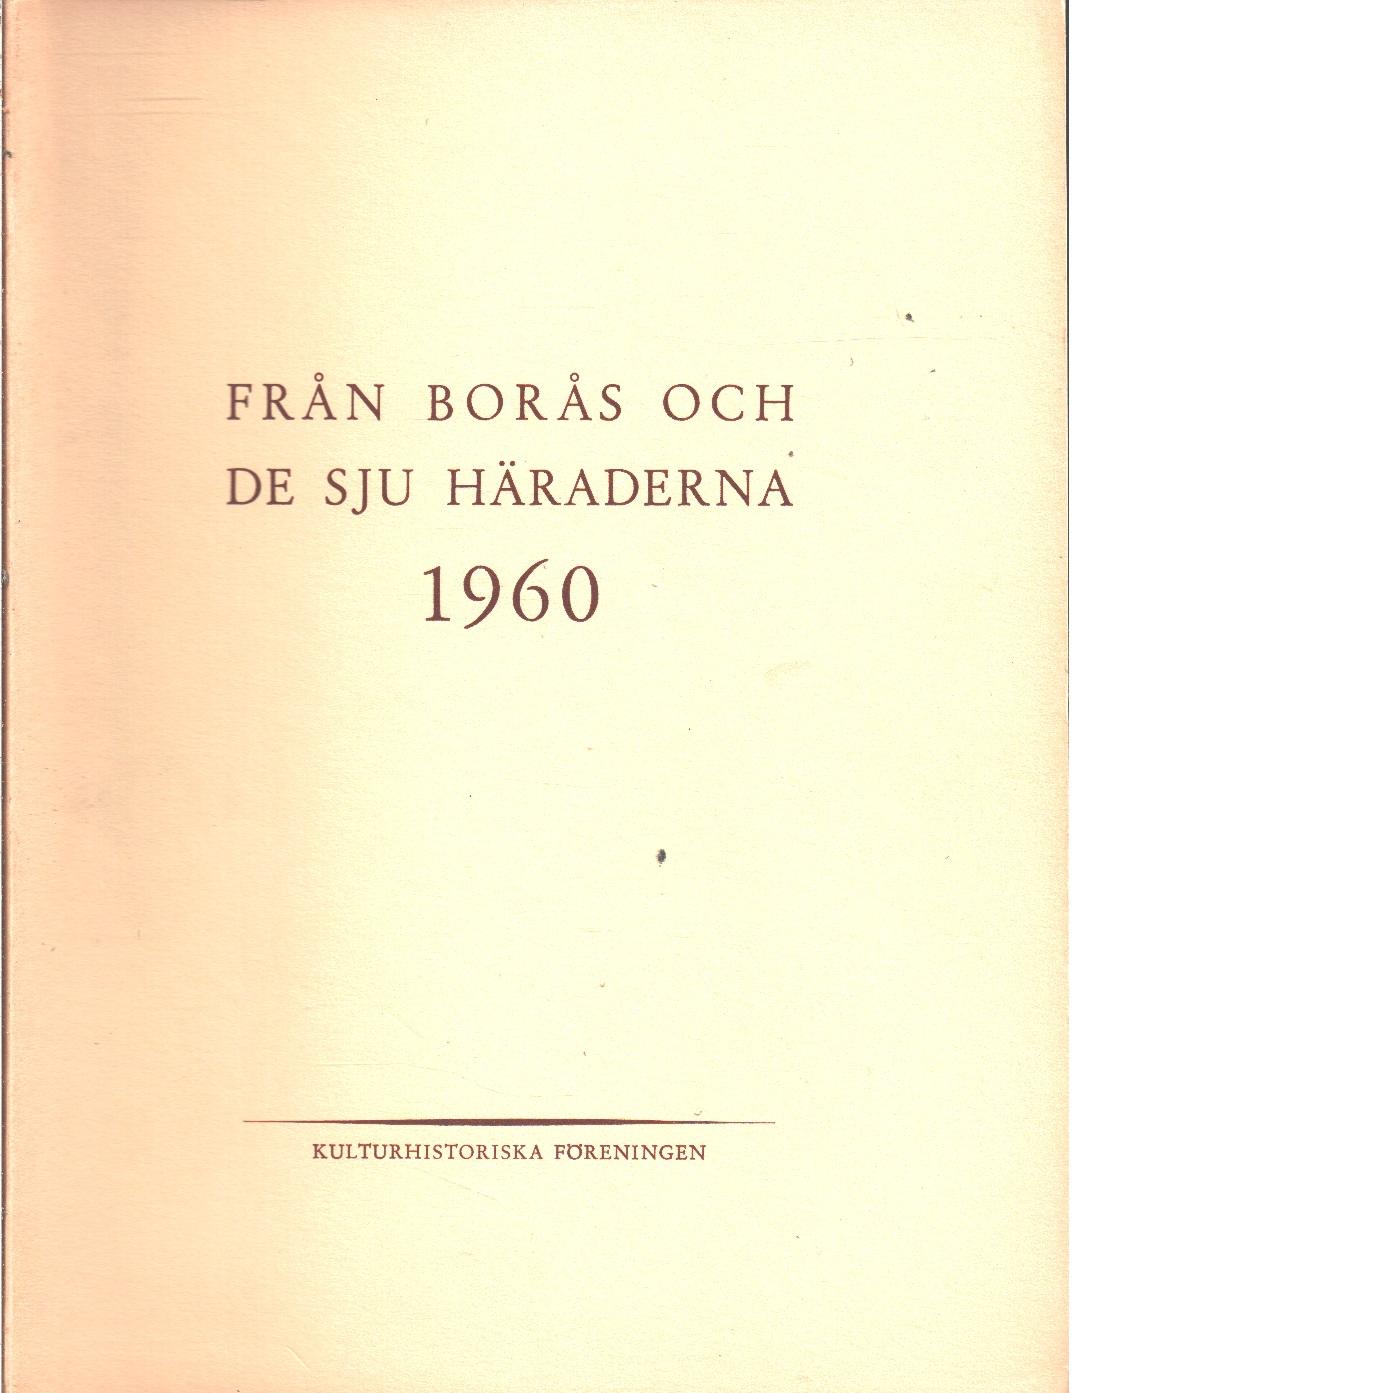 Från Borås och de sju häraderna. 1960 - Red. De sju häradernas kulturhistoriska förening